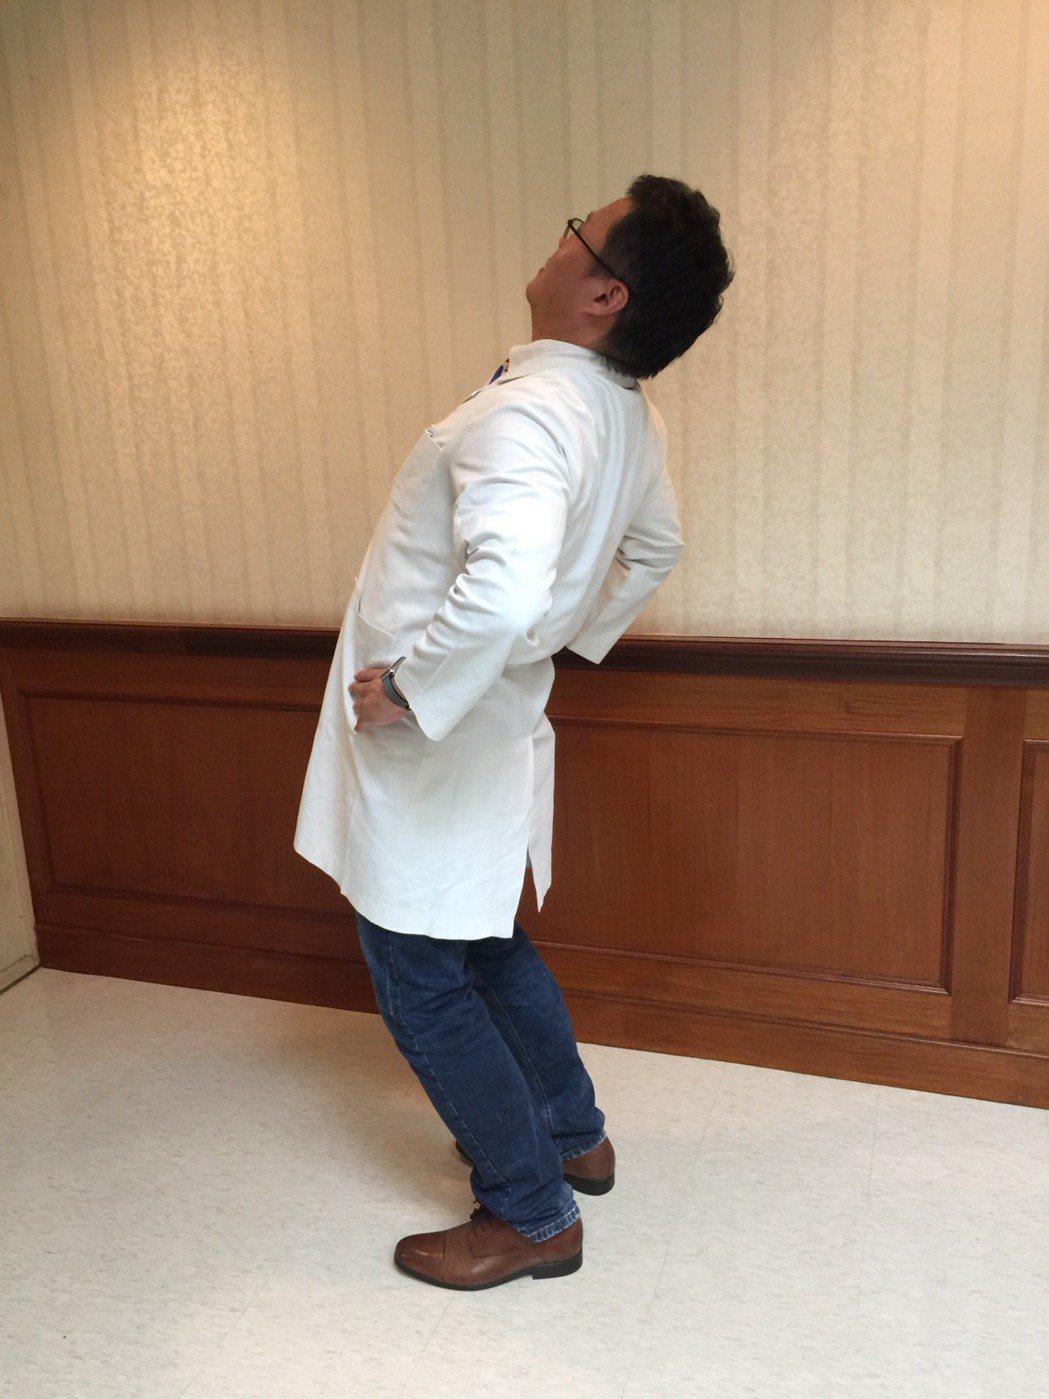 「腰部暖身操」第二步雙手叉腰背部往後仰。記者陳雨鑫/攝影